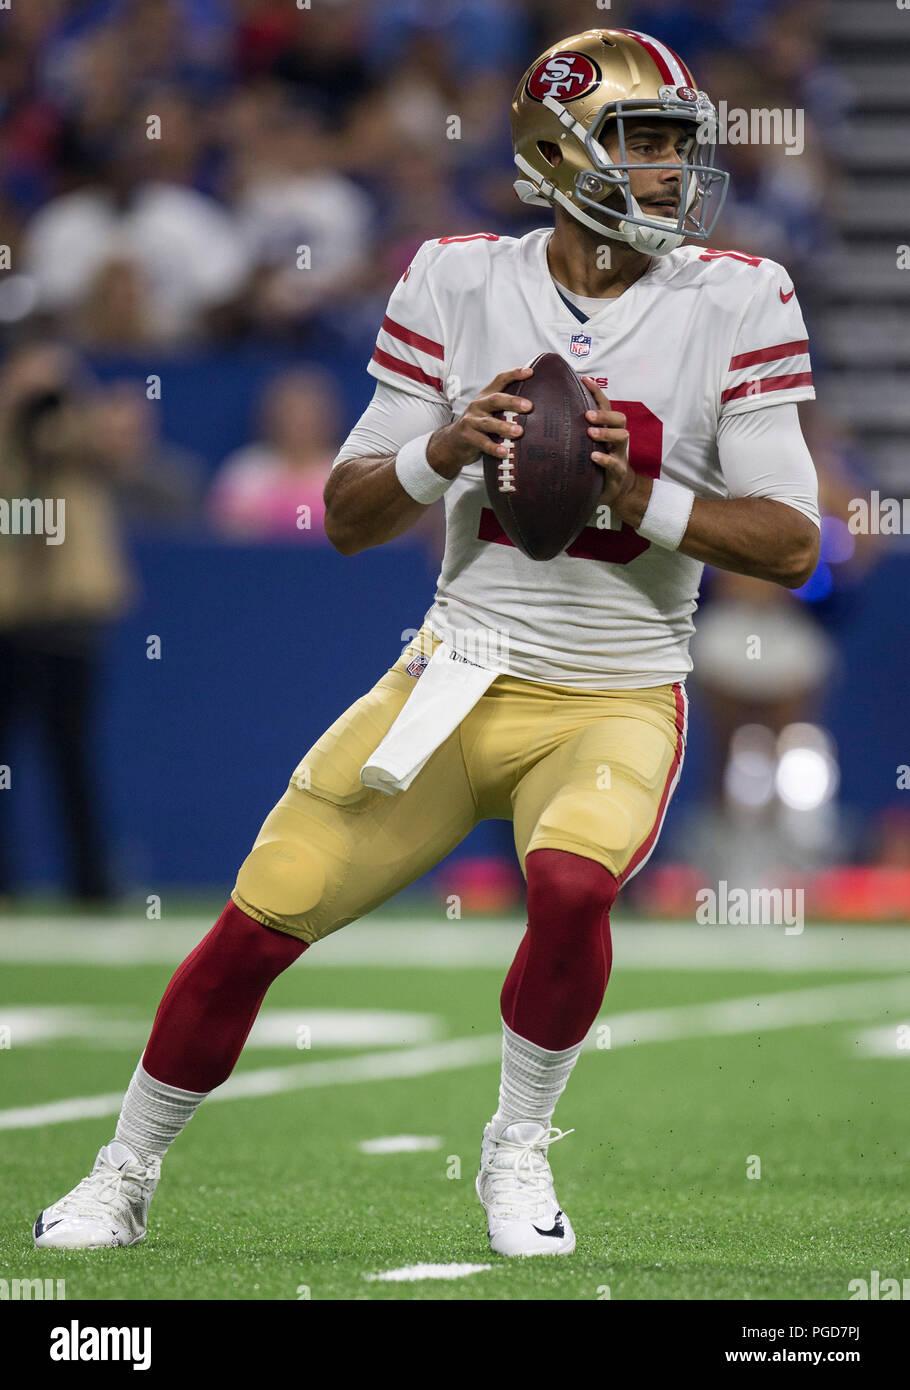 25 de agosto de 2018 San Francisco 49ers quarterback Jimmy Garoppolo (10)  pasa el balón durante la pretemporada de fútbol americano de la NFL juego  de ... 03ce4fafb56